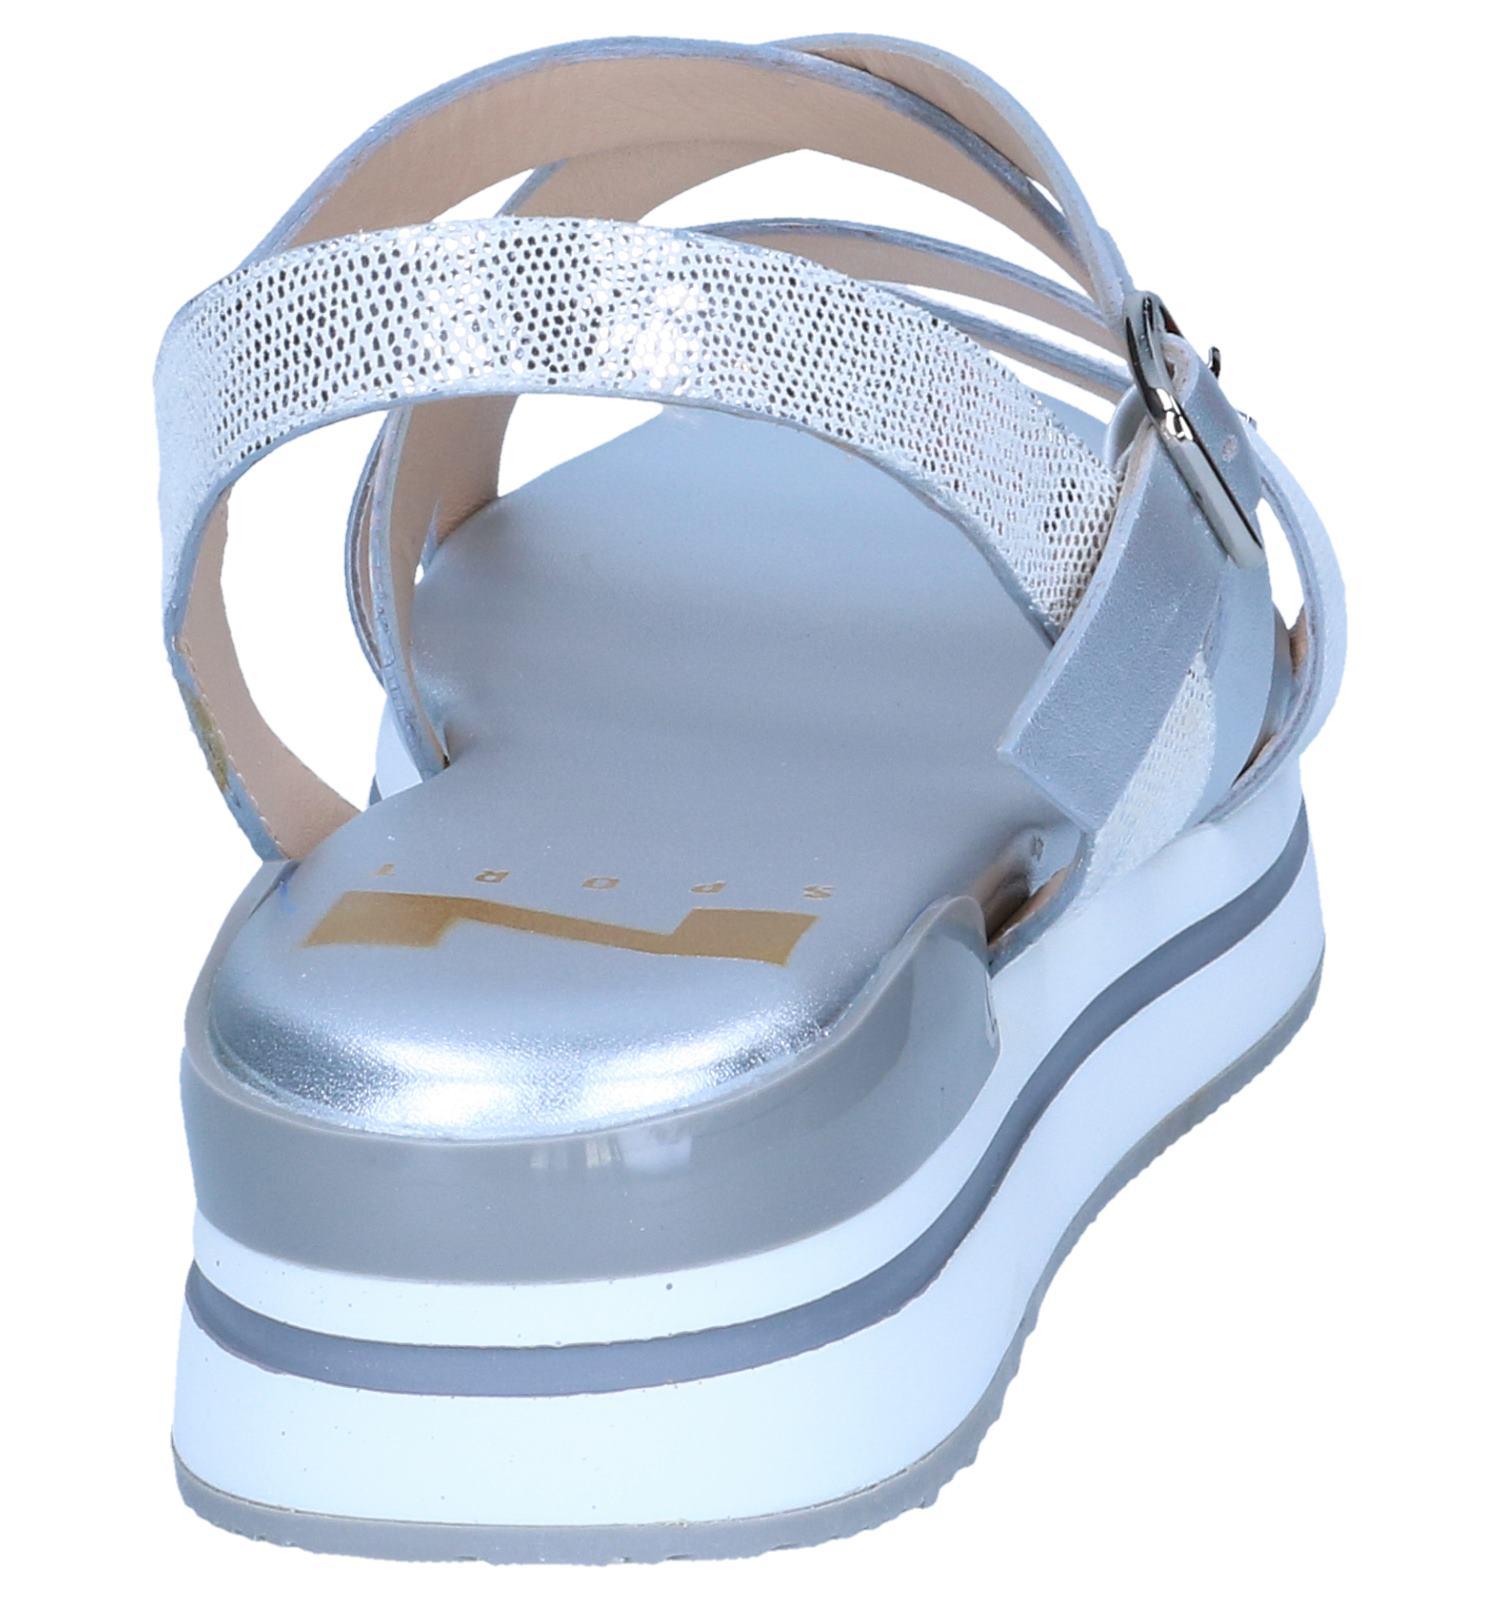 Nathan baume baume Zilveren Sandalen Zilveren Sandalen Nathan Lqc54RjS3A